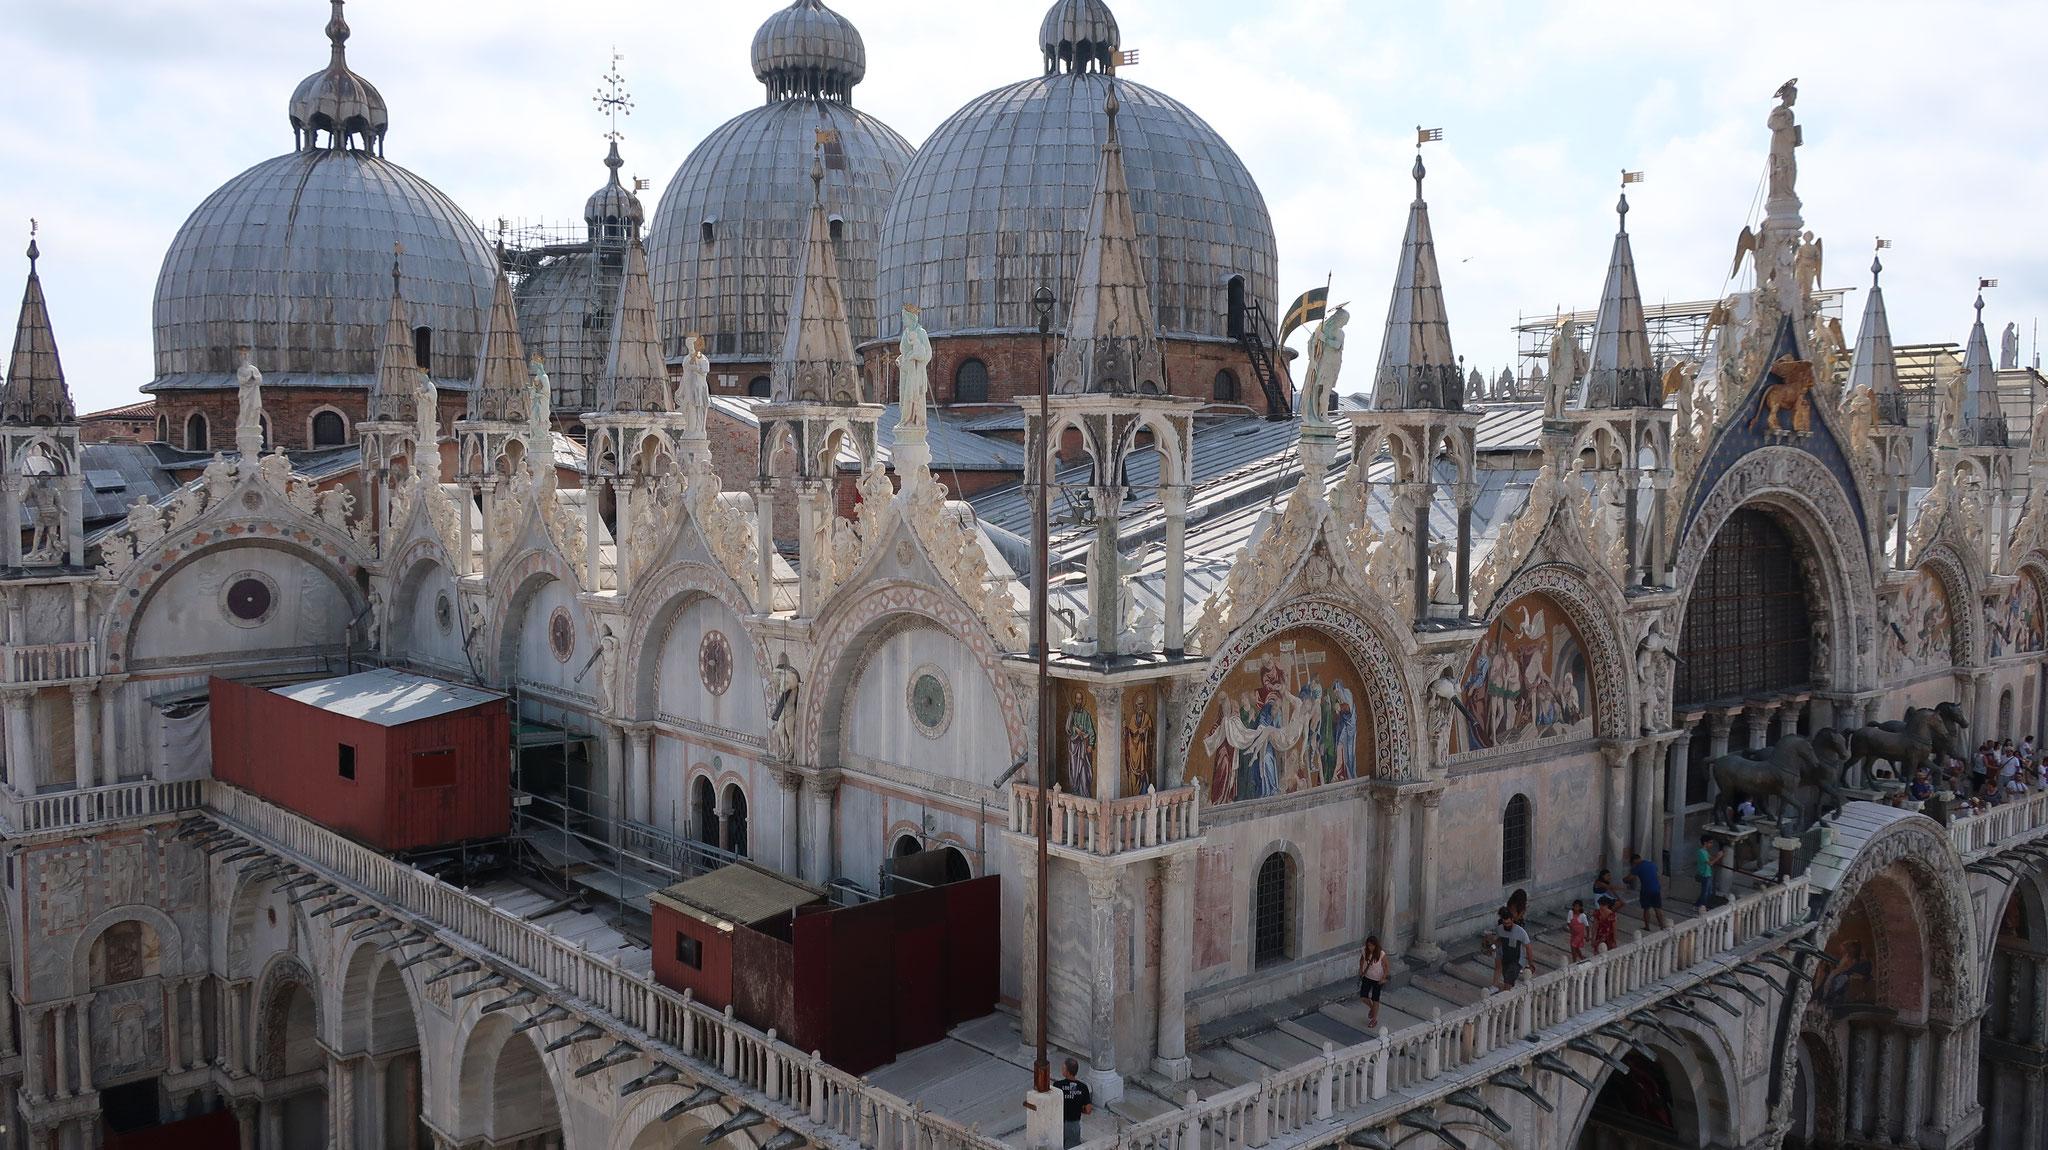 時計塔からサン・マルコ寺院を見おろします。